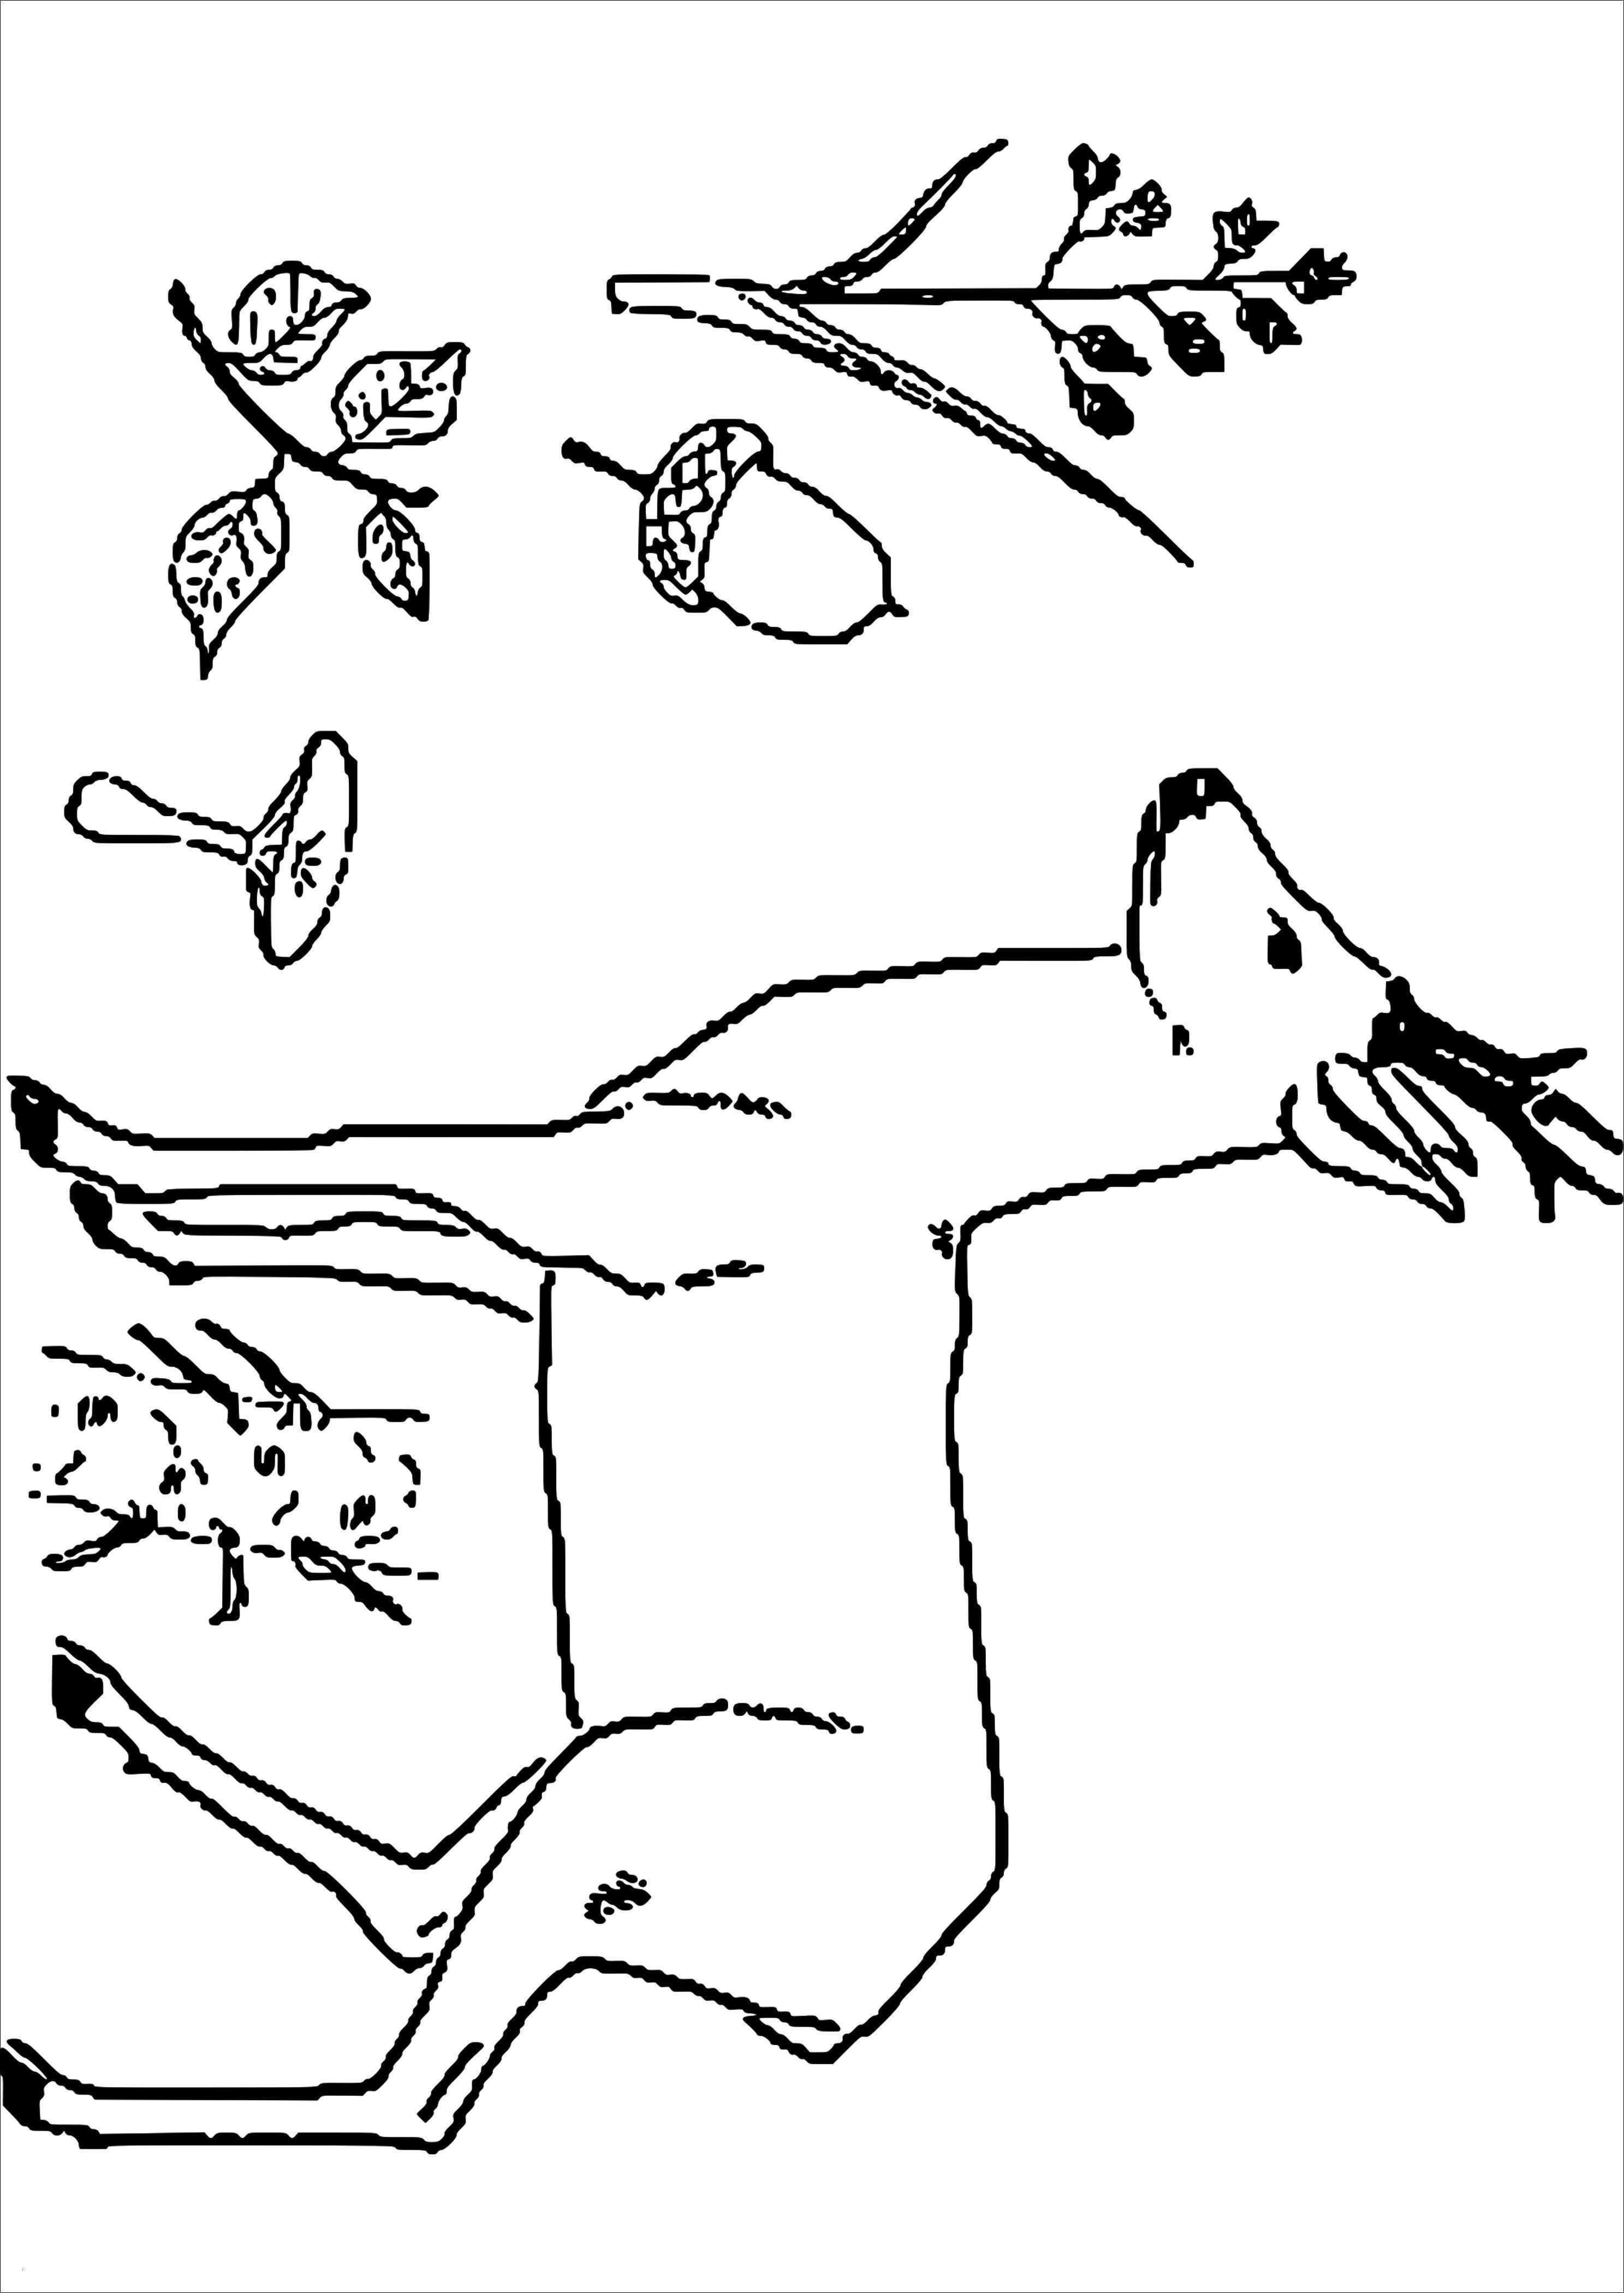 Reh Bilder Zum Ausmalen Genial Hirsche Zum Ausmalen Bildnis Ausmalbild Hirsch Und Hund Genial Bilder